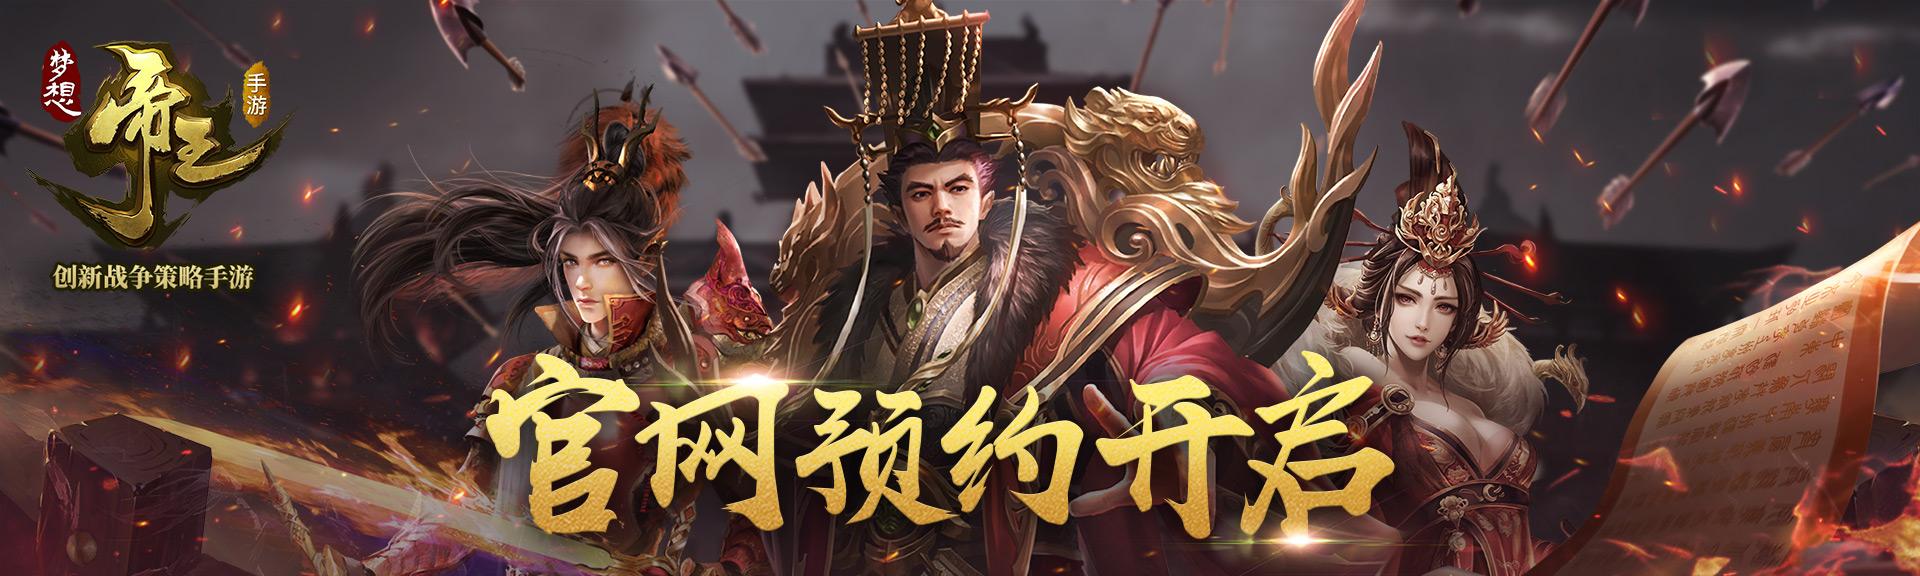 8年经典策略IP 《梦想帝王手游》官网预约正式开启